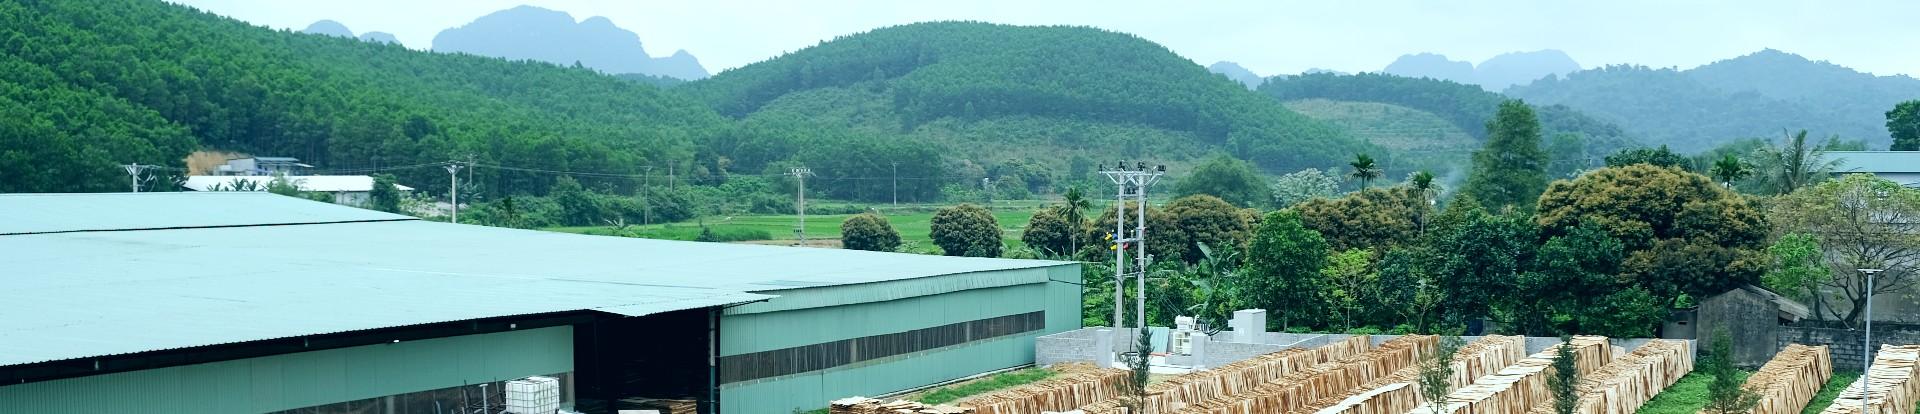 Factory members